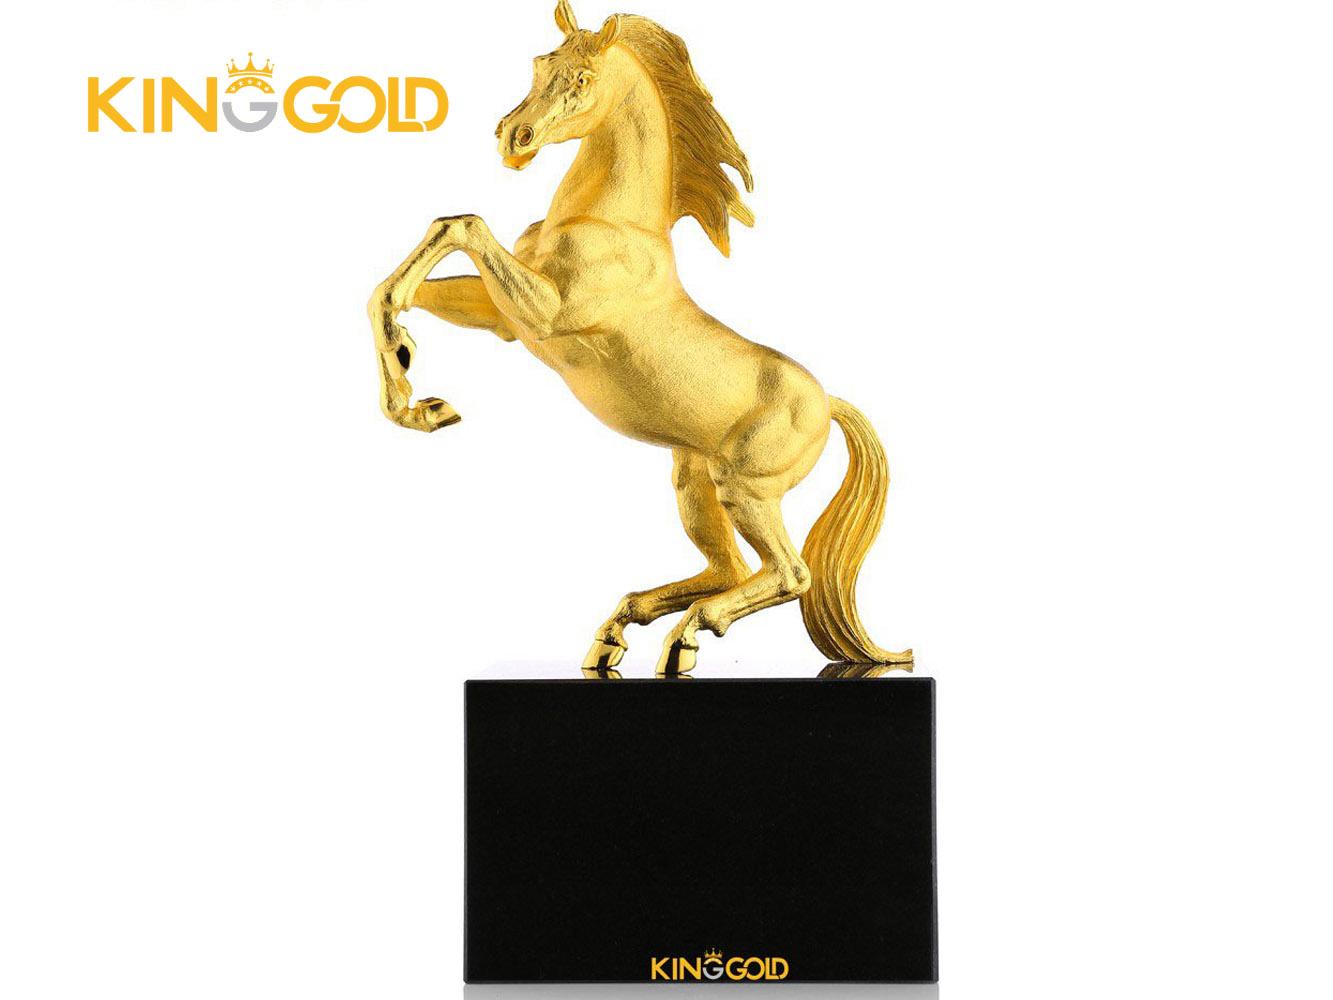 5 mẫu ngựa dát vàng tặng sếp để bàn ý nghĩa 2020